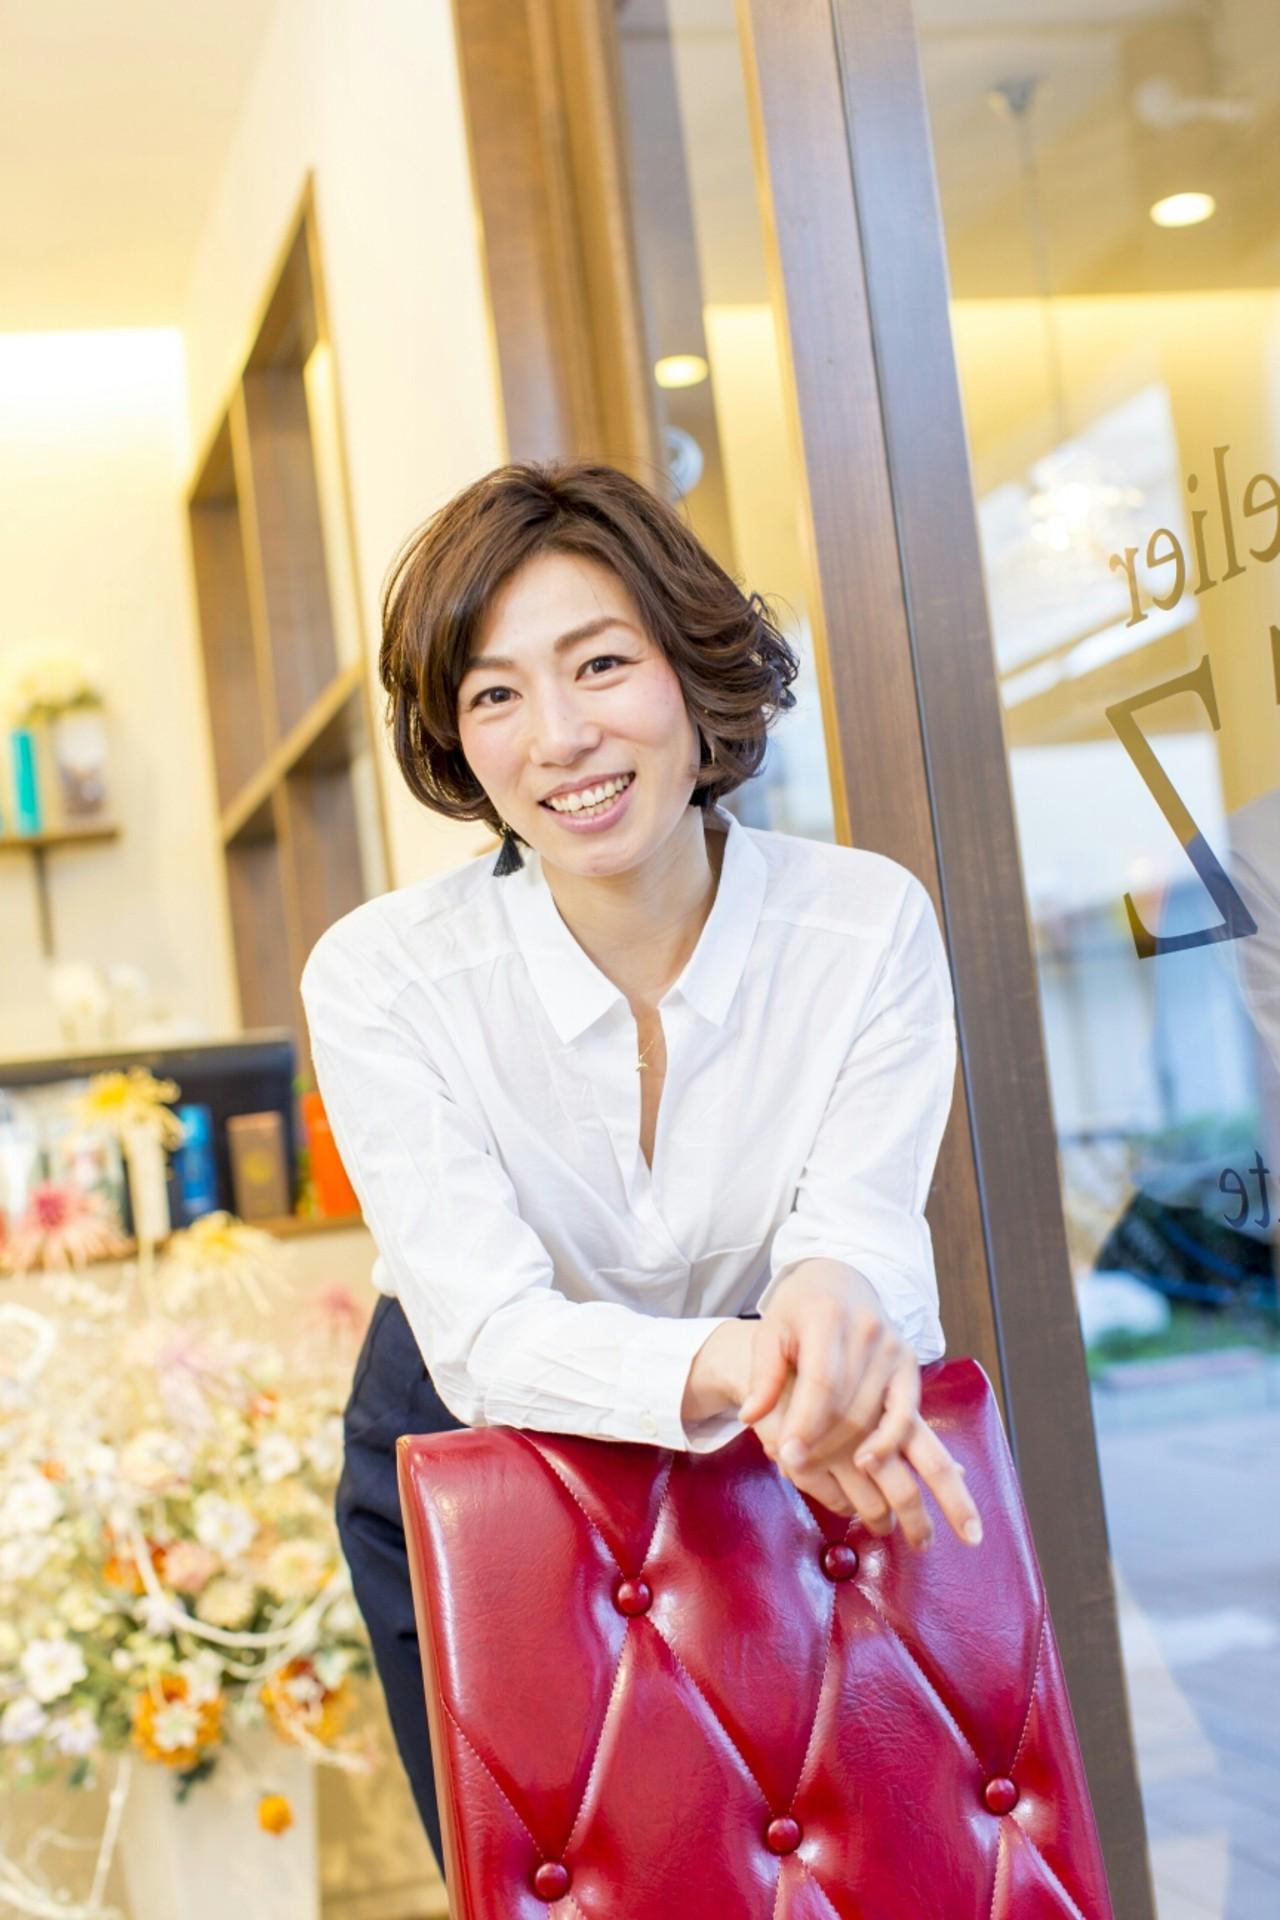 50代のためのヘアスタイル特集。気を付けたいポイントまとめ 西村 恵美